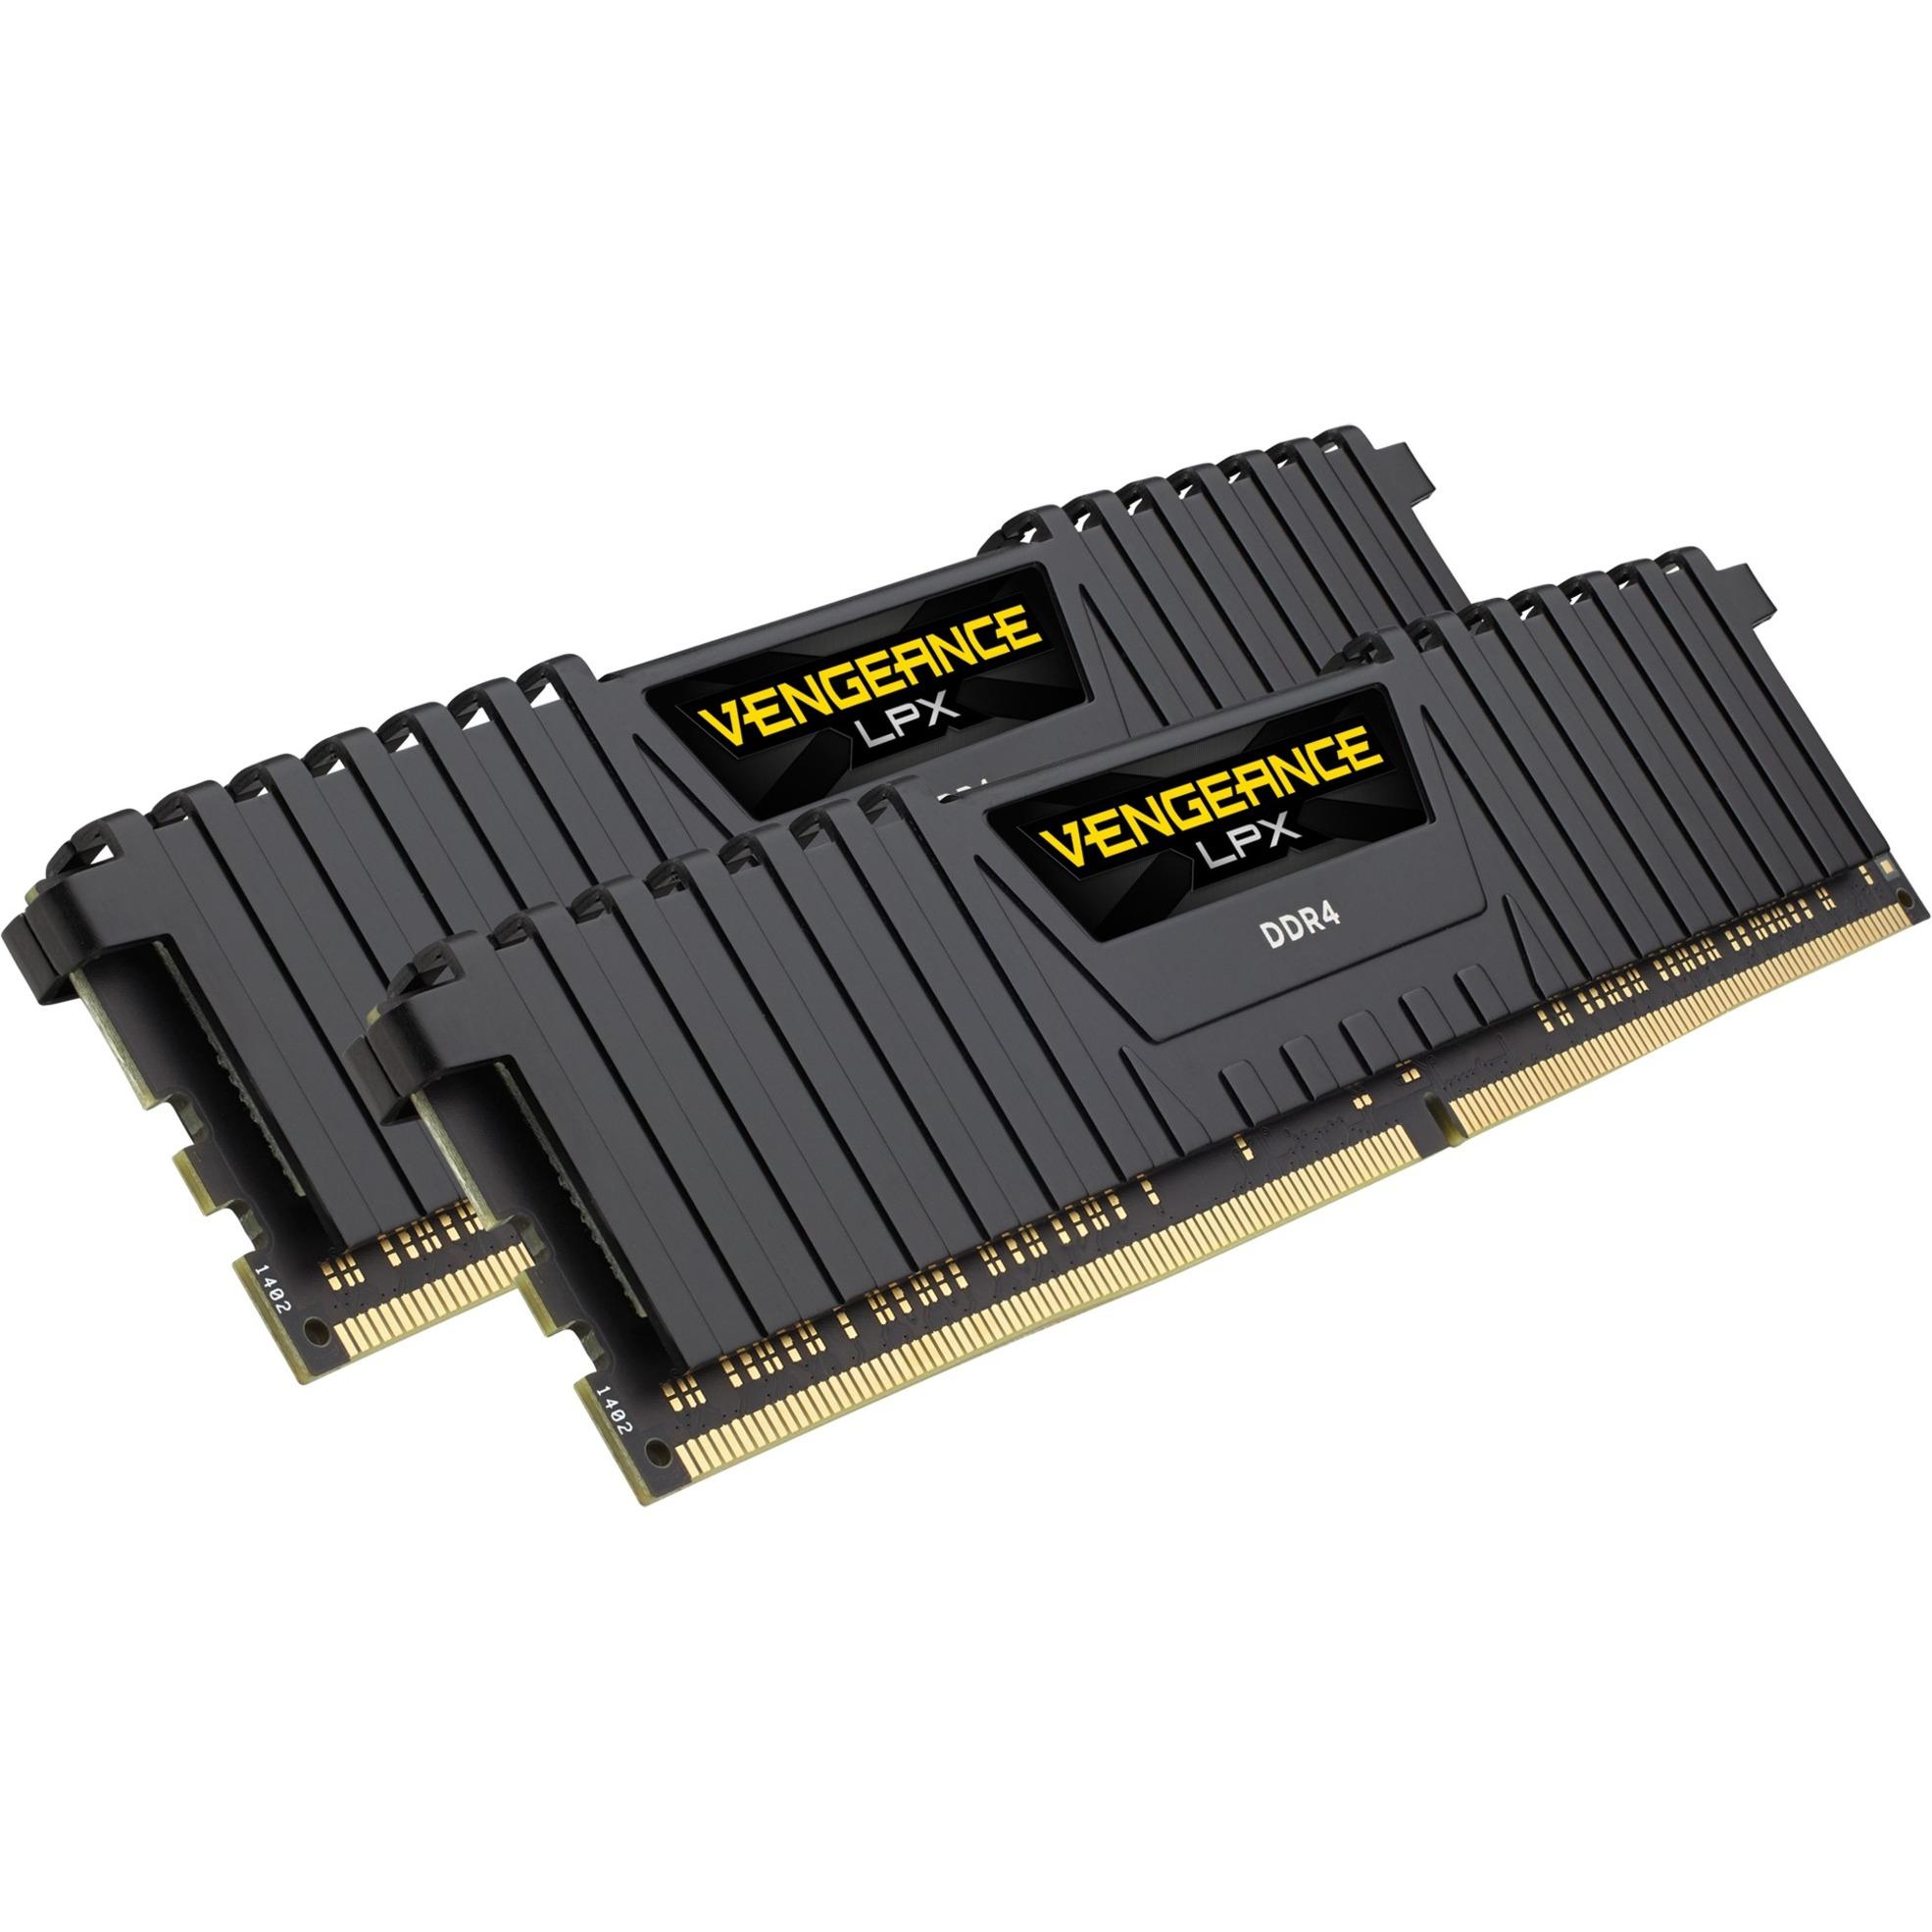 Vengeance LPX CMK16GX4M2D3200C16 16Go DDR4 module de mémoire